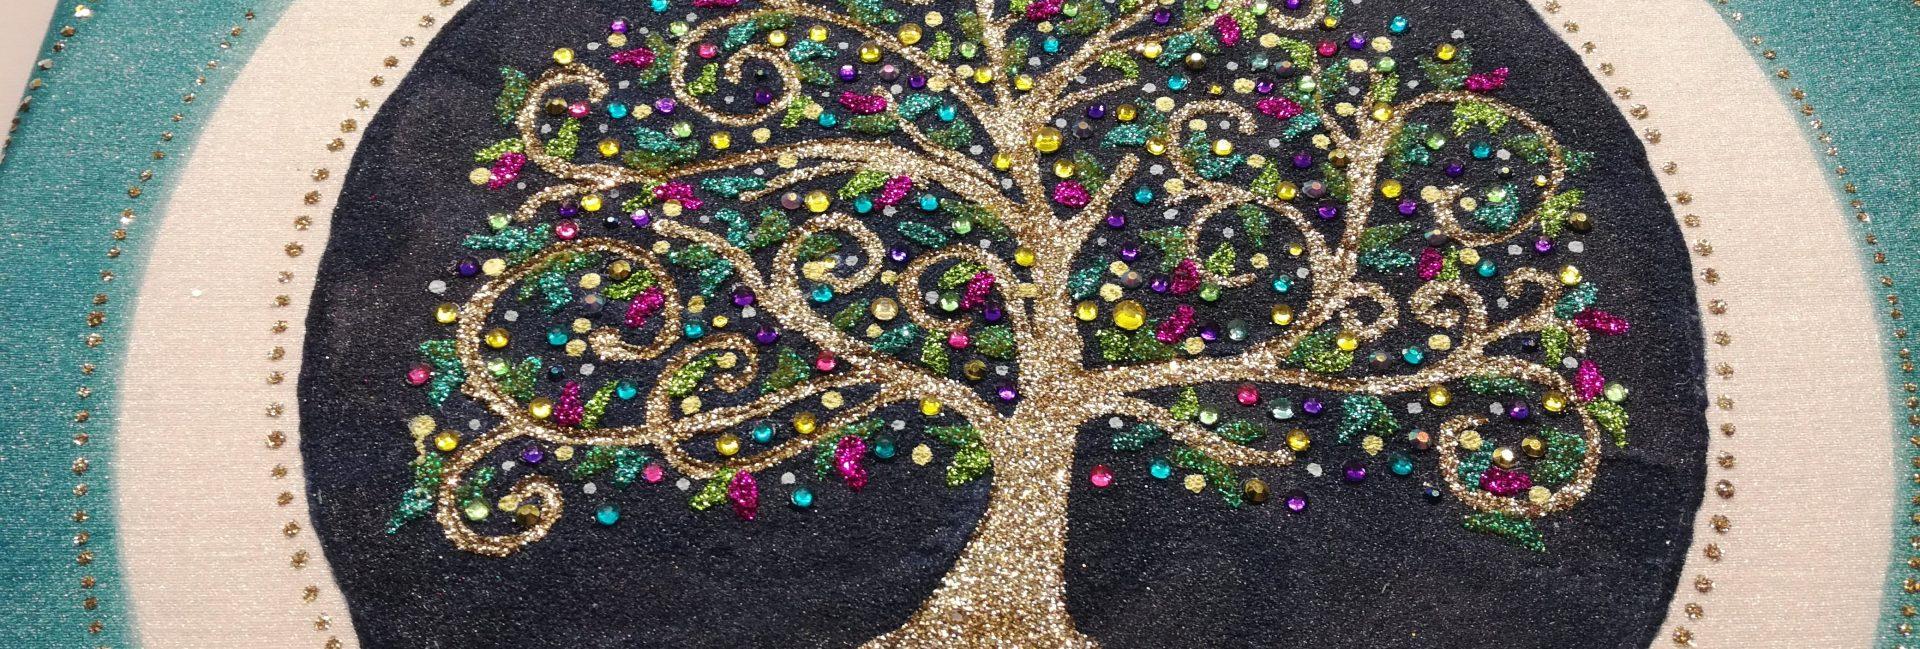 mandala keltský strom života